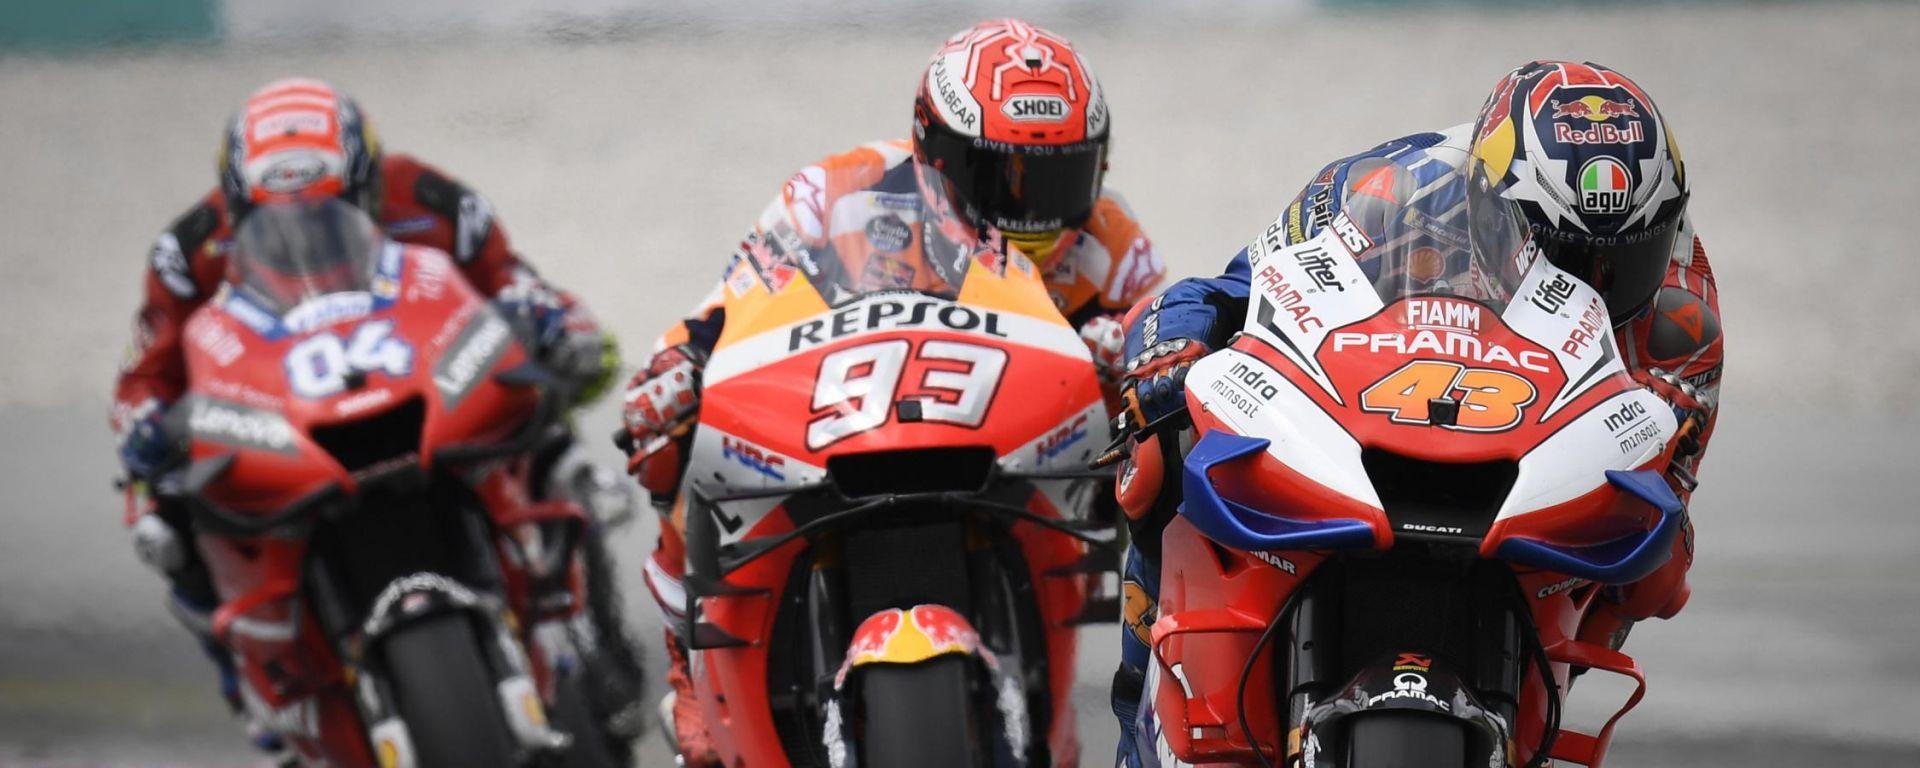 MotoGP, cambiano le regole su alette e test